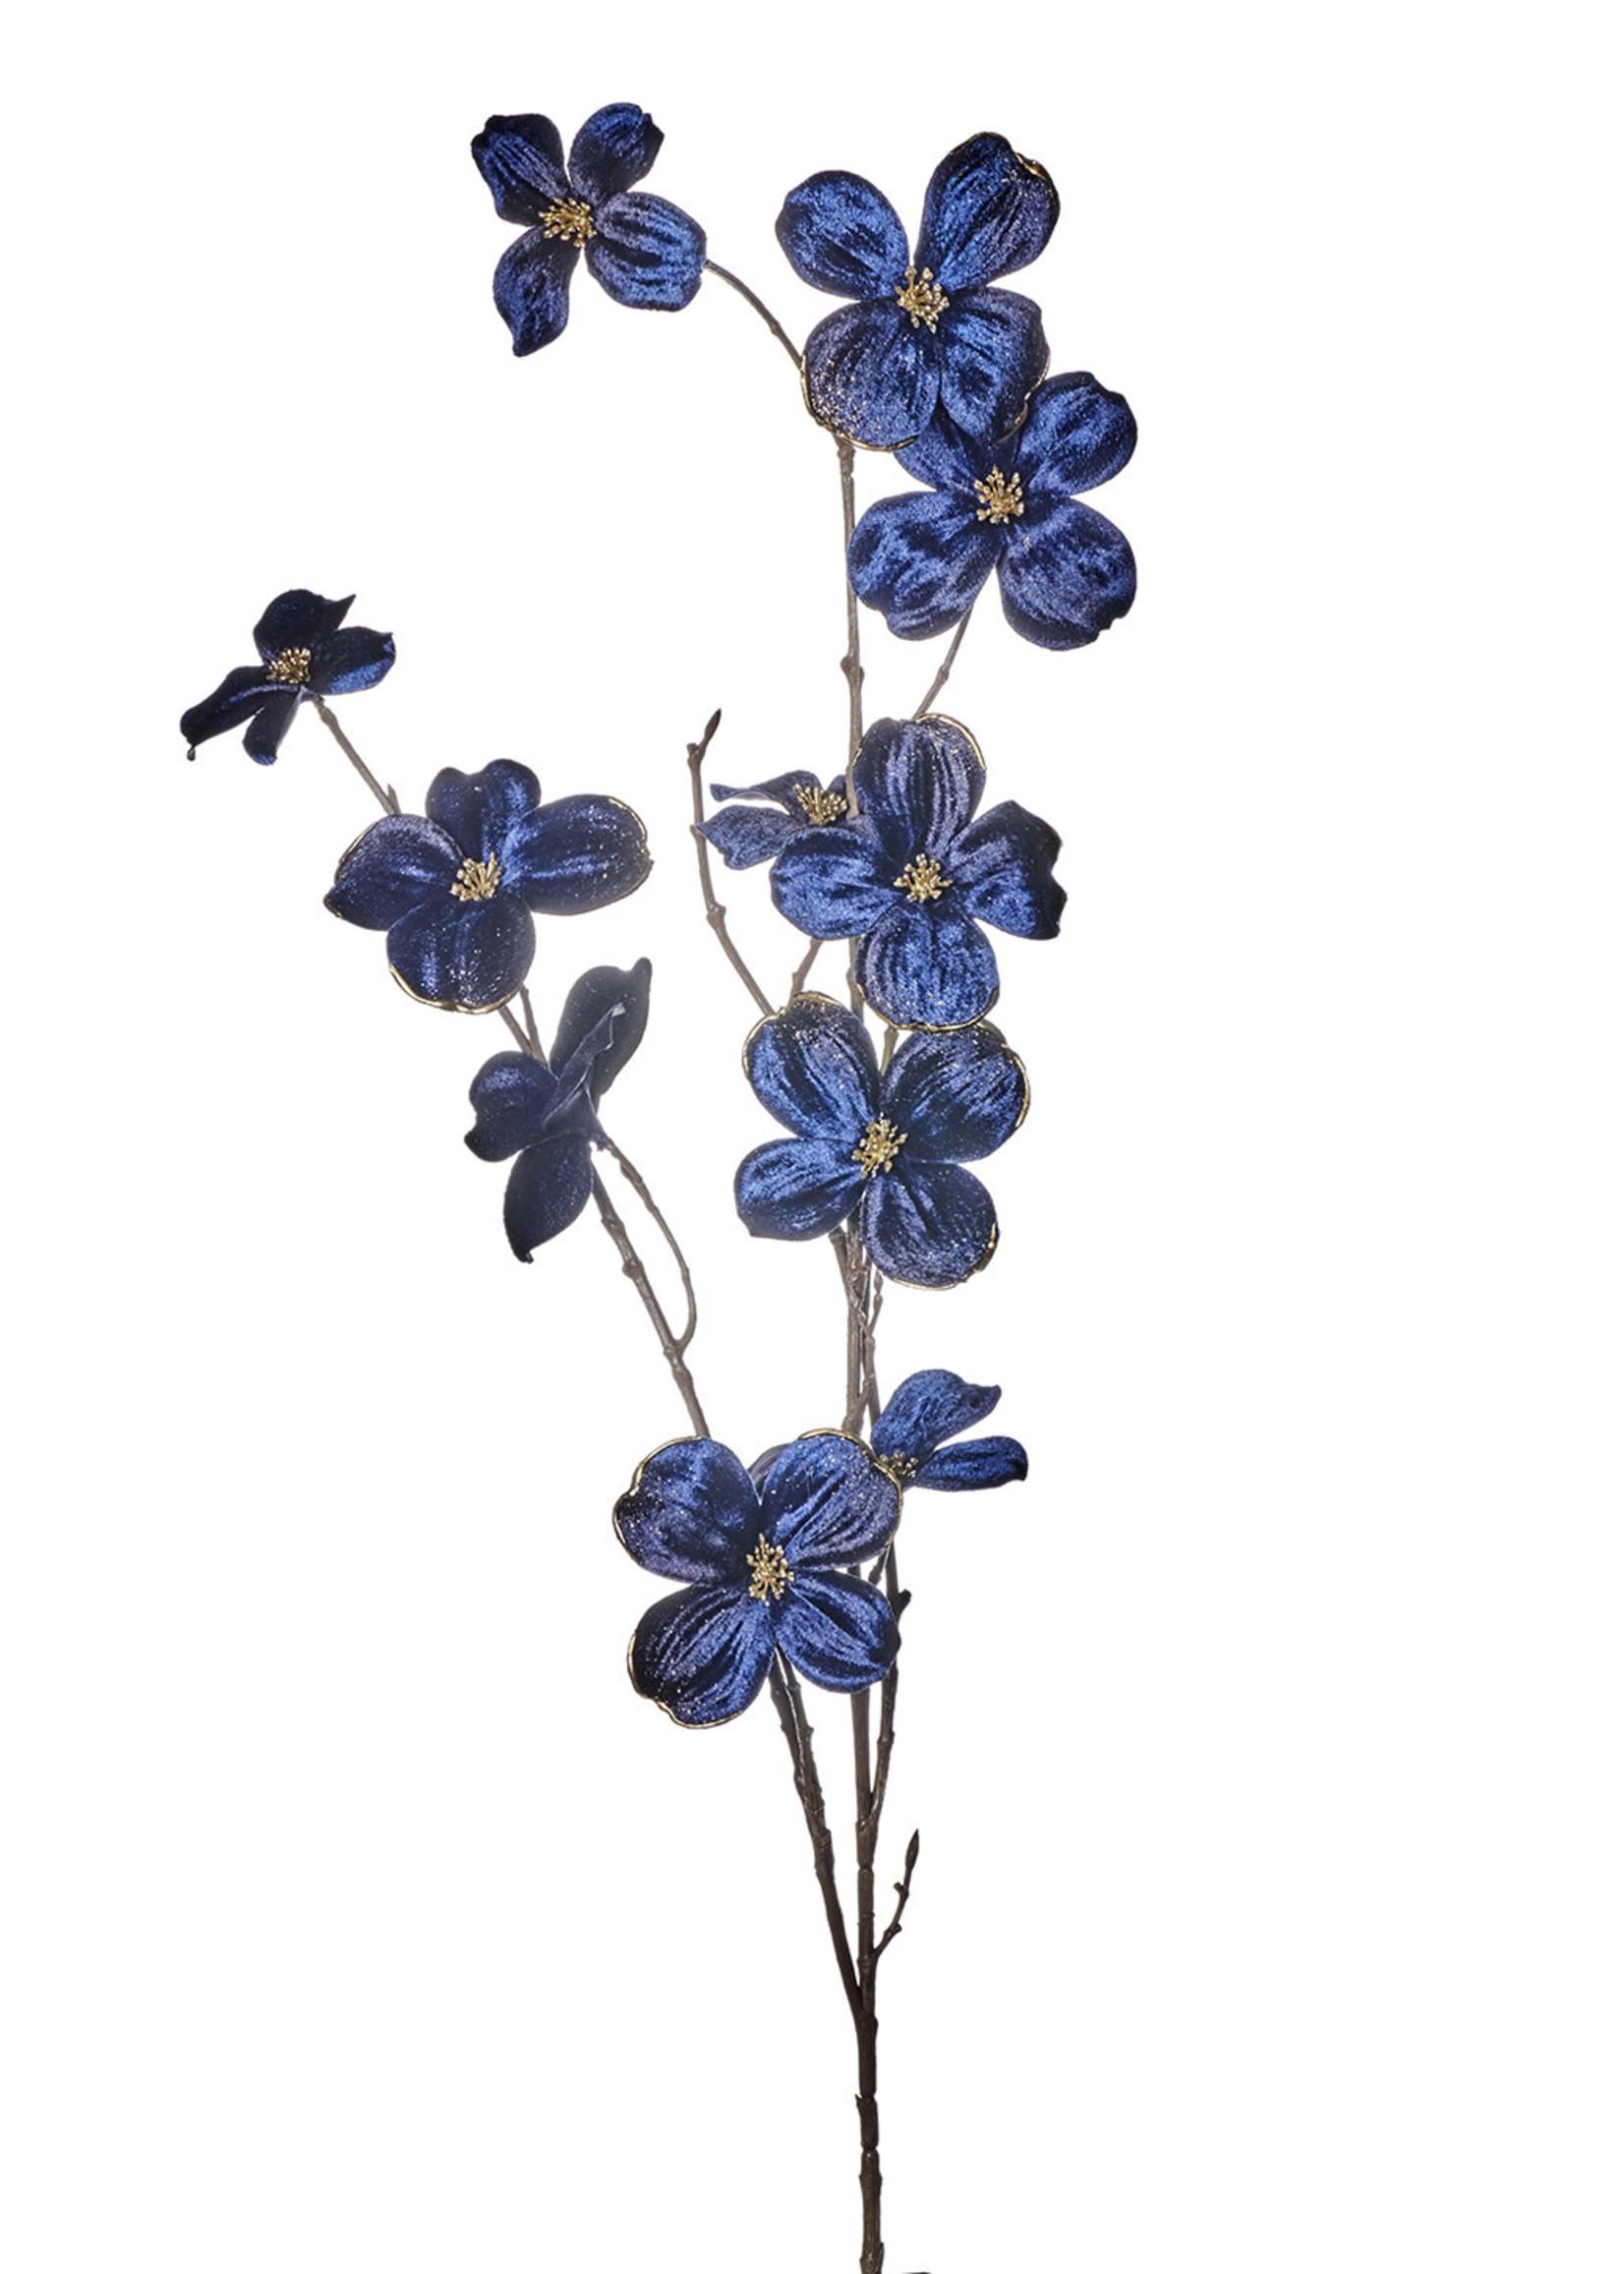 Goodwill Zijden bloemen KORNOELJE blauw 99 cm